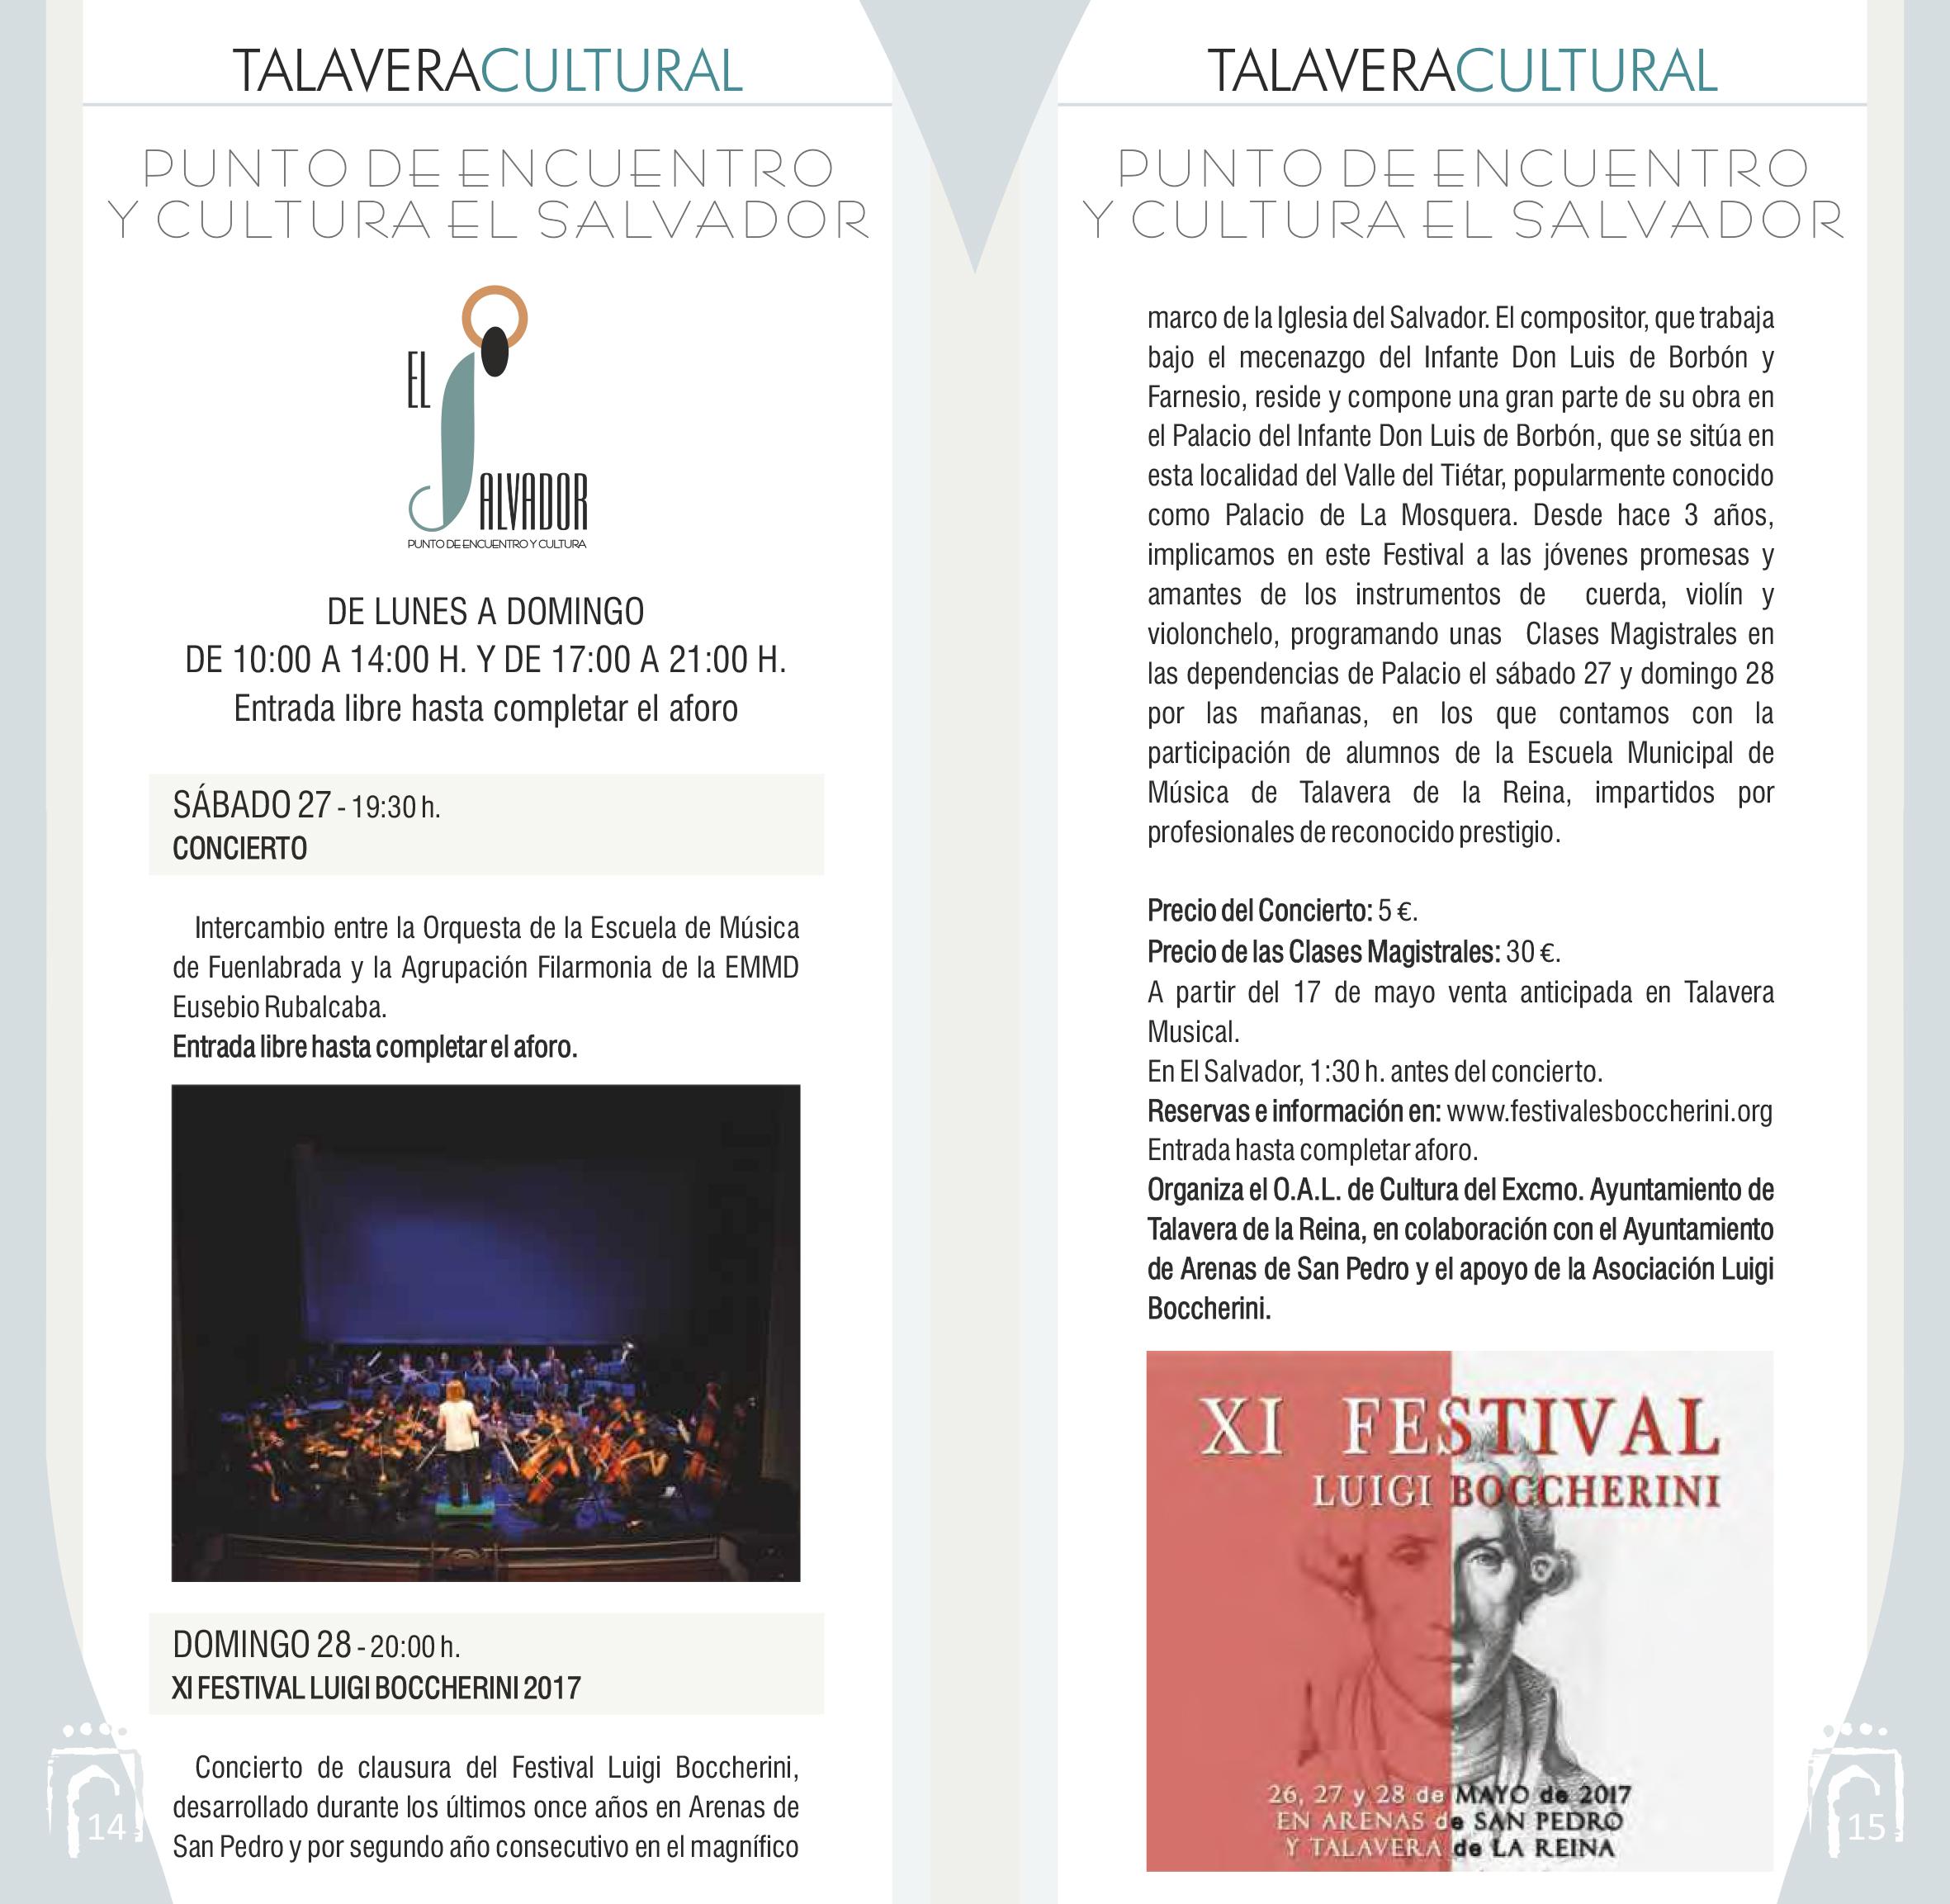 Programación Talavera Cultural 2017 con el concierto de los Festivales Boccherini 2017